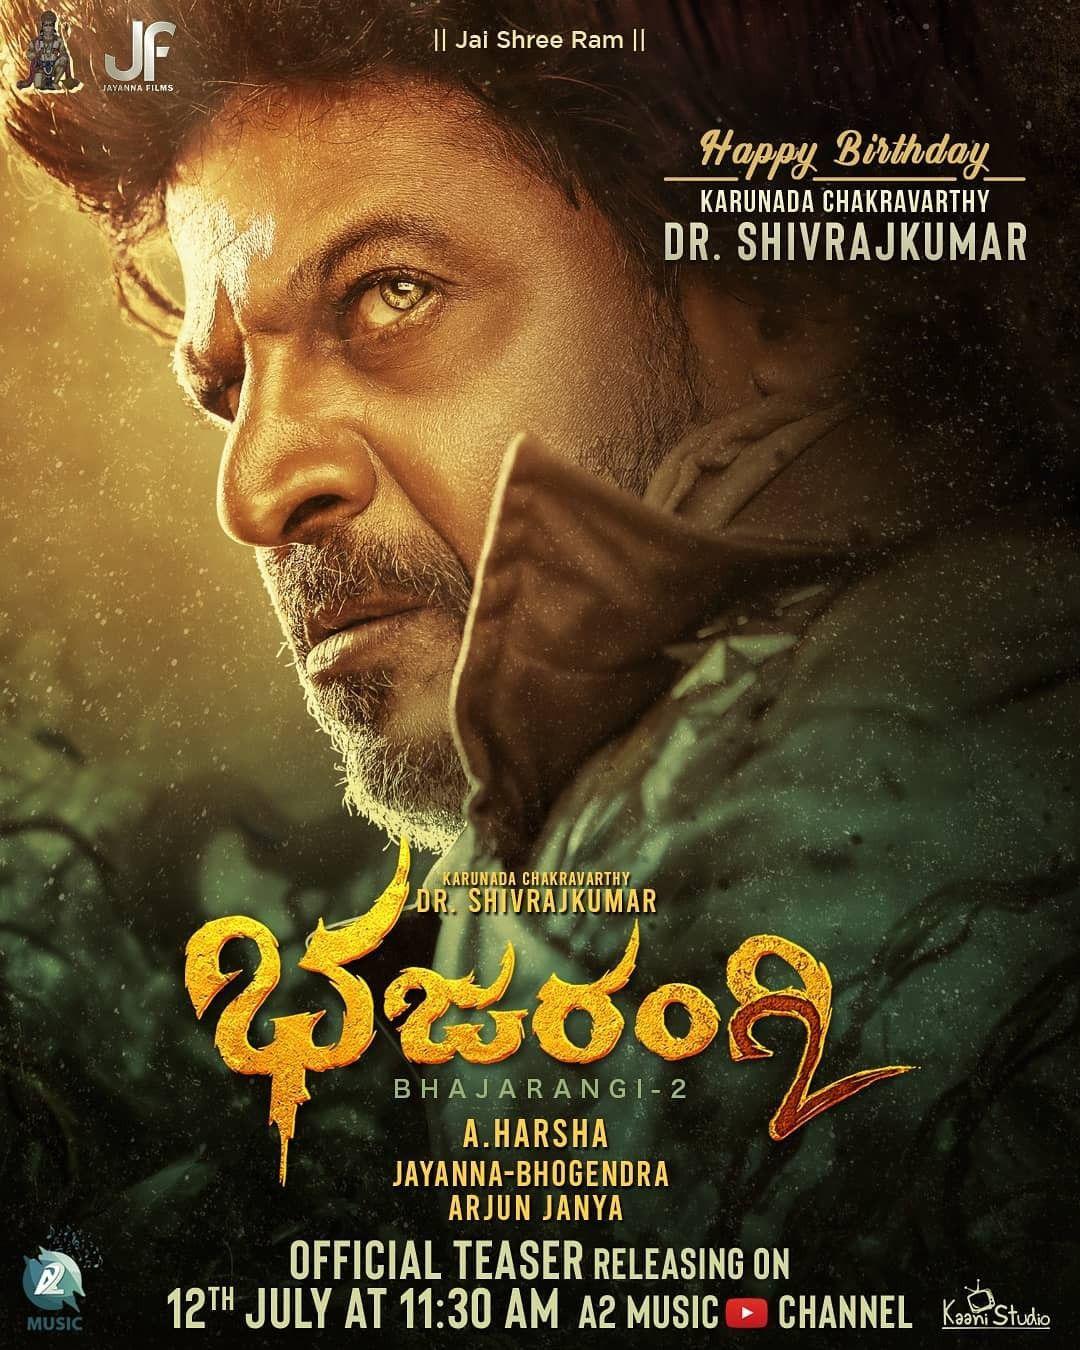 Bajarangi 2 Kannada Movie Mp3 Songs Kannadamaza In In 2020 Kannada Movies Album Songs Mp3 Song